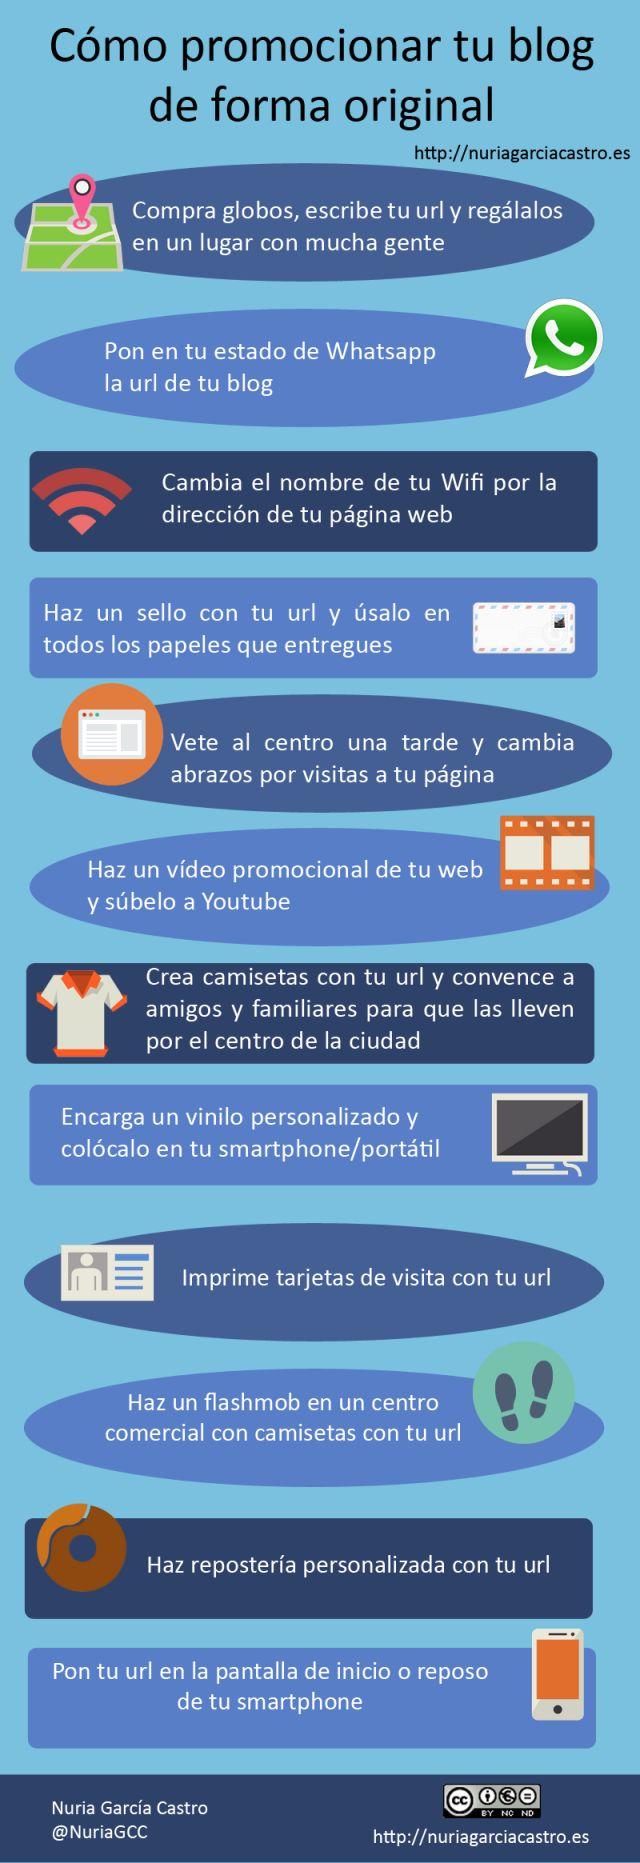 Cómo promocional tu blog de forma original #infografia